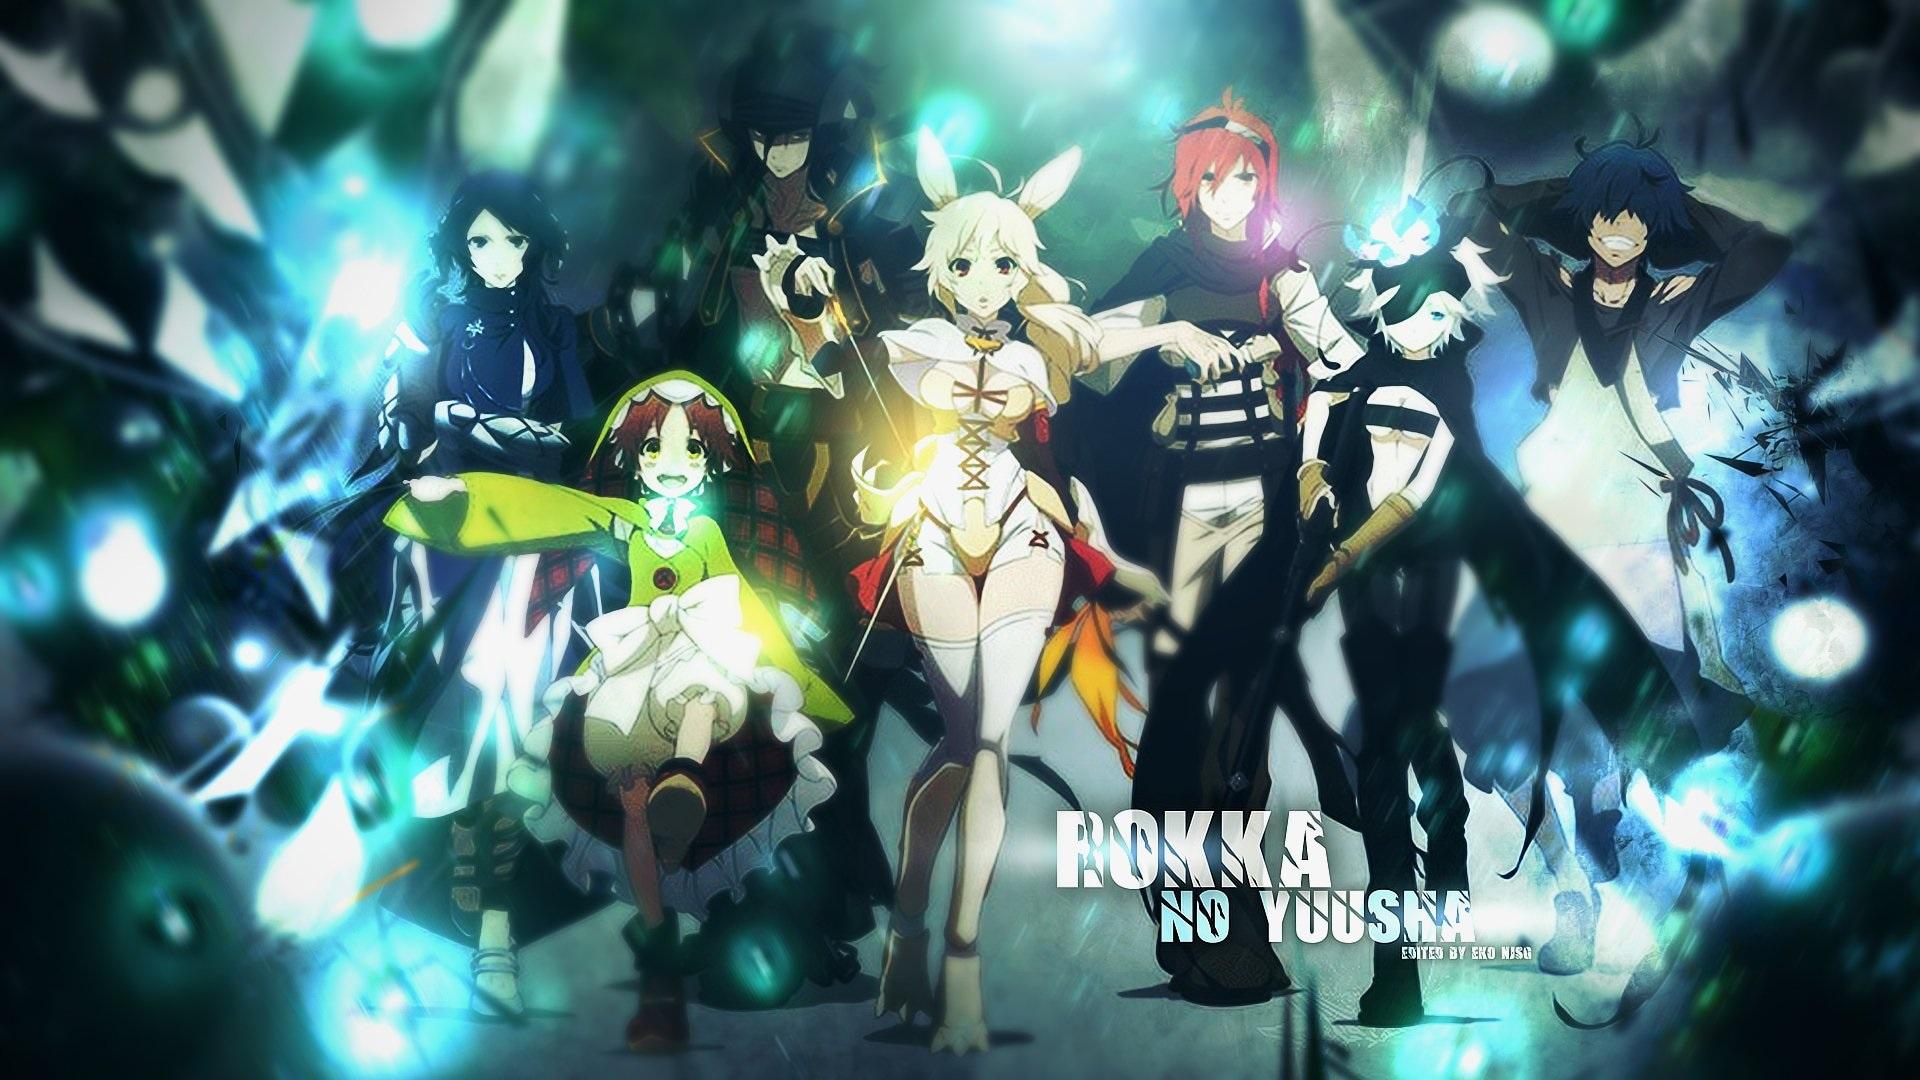 Rokka No Yuusha wallpaper